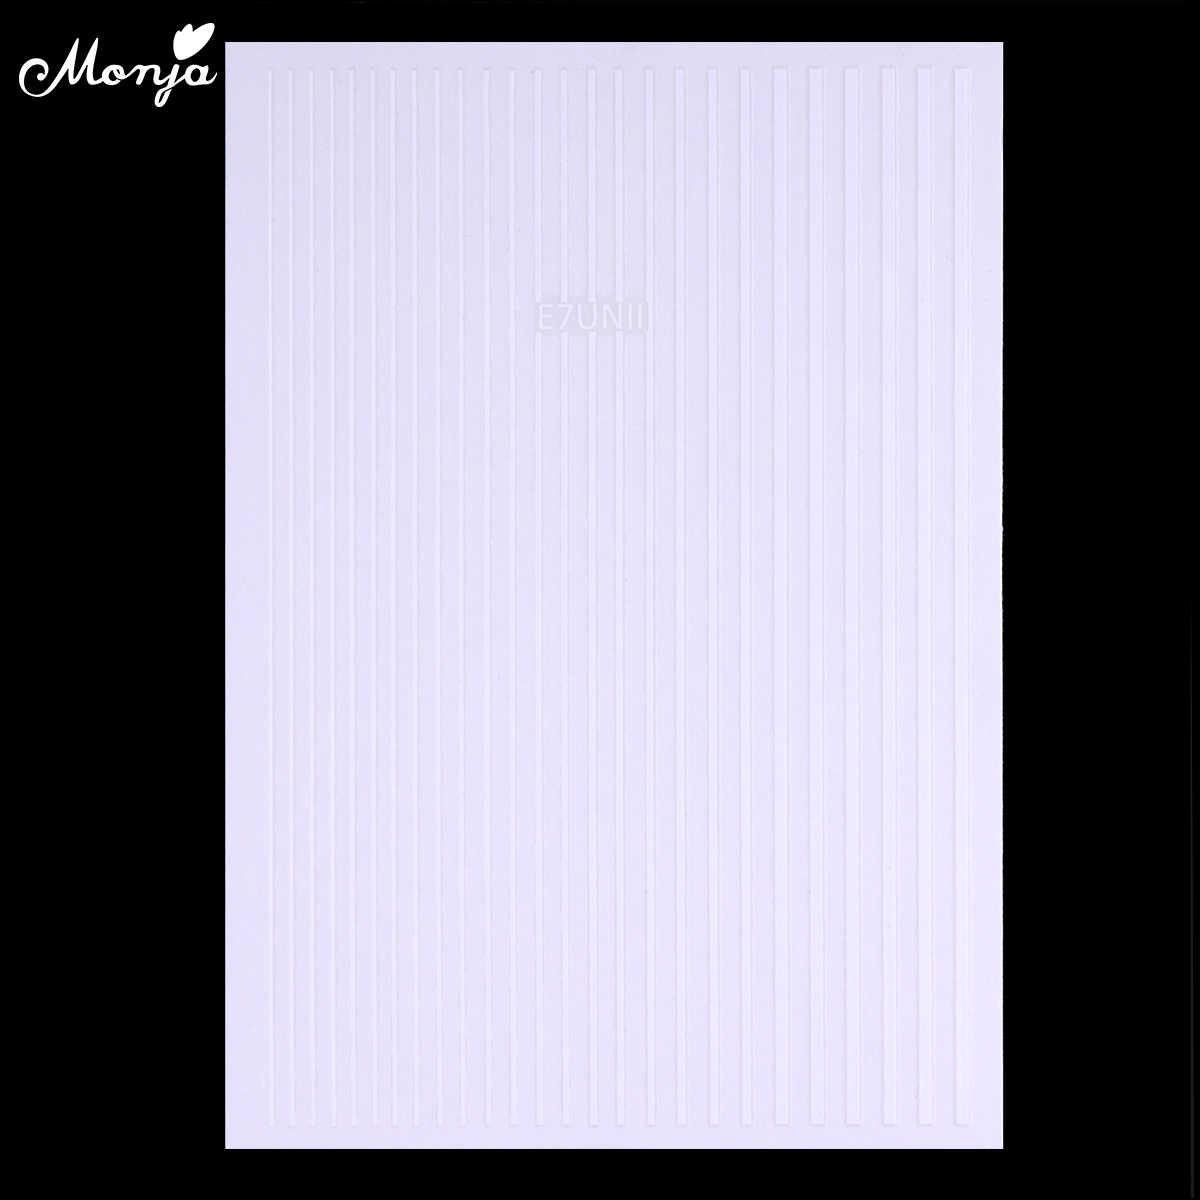 Monja, 5 цветов, хамелеон, дизайн ногтей, металл, самоклеющиеся, мульти линии, полосы, узоры, ленты, наклейки, сделай сам, декоративные наклейки для маникюра